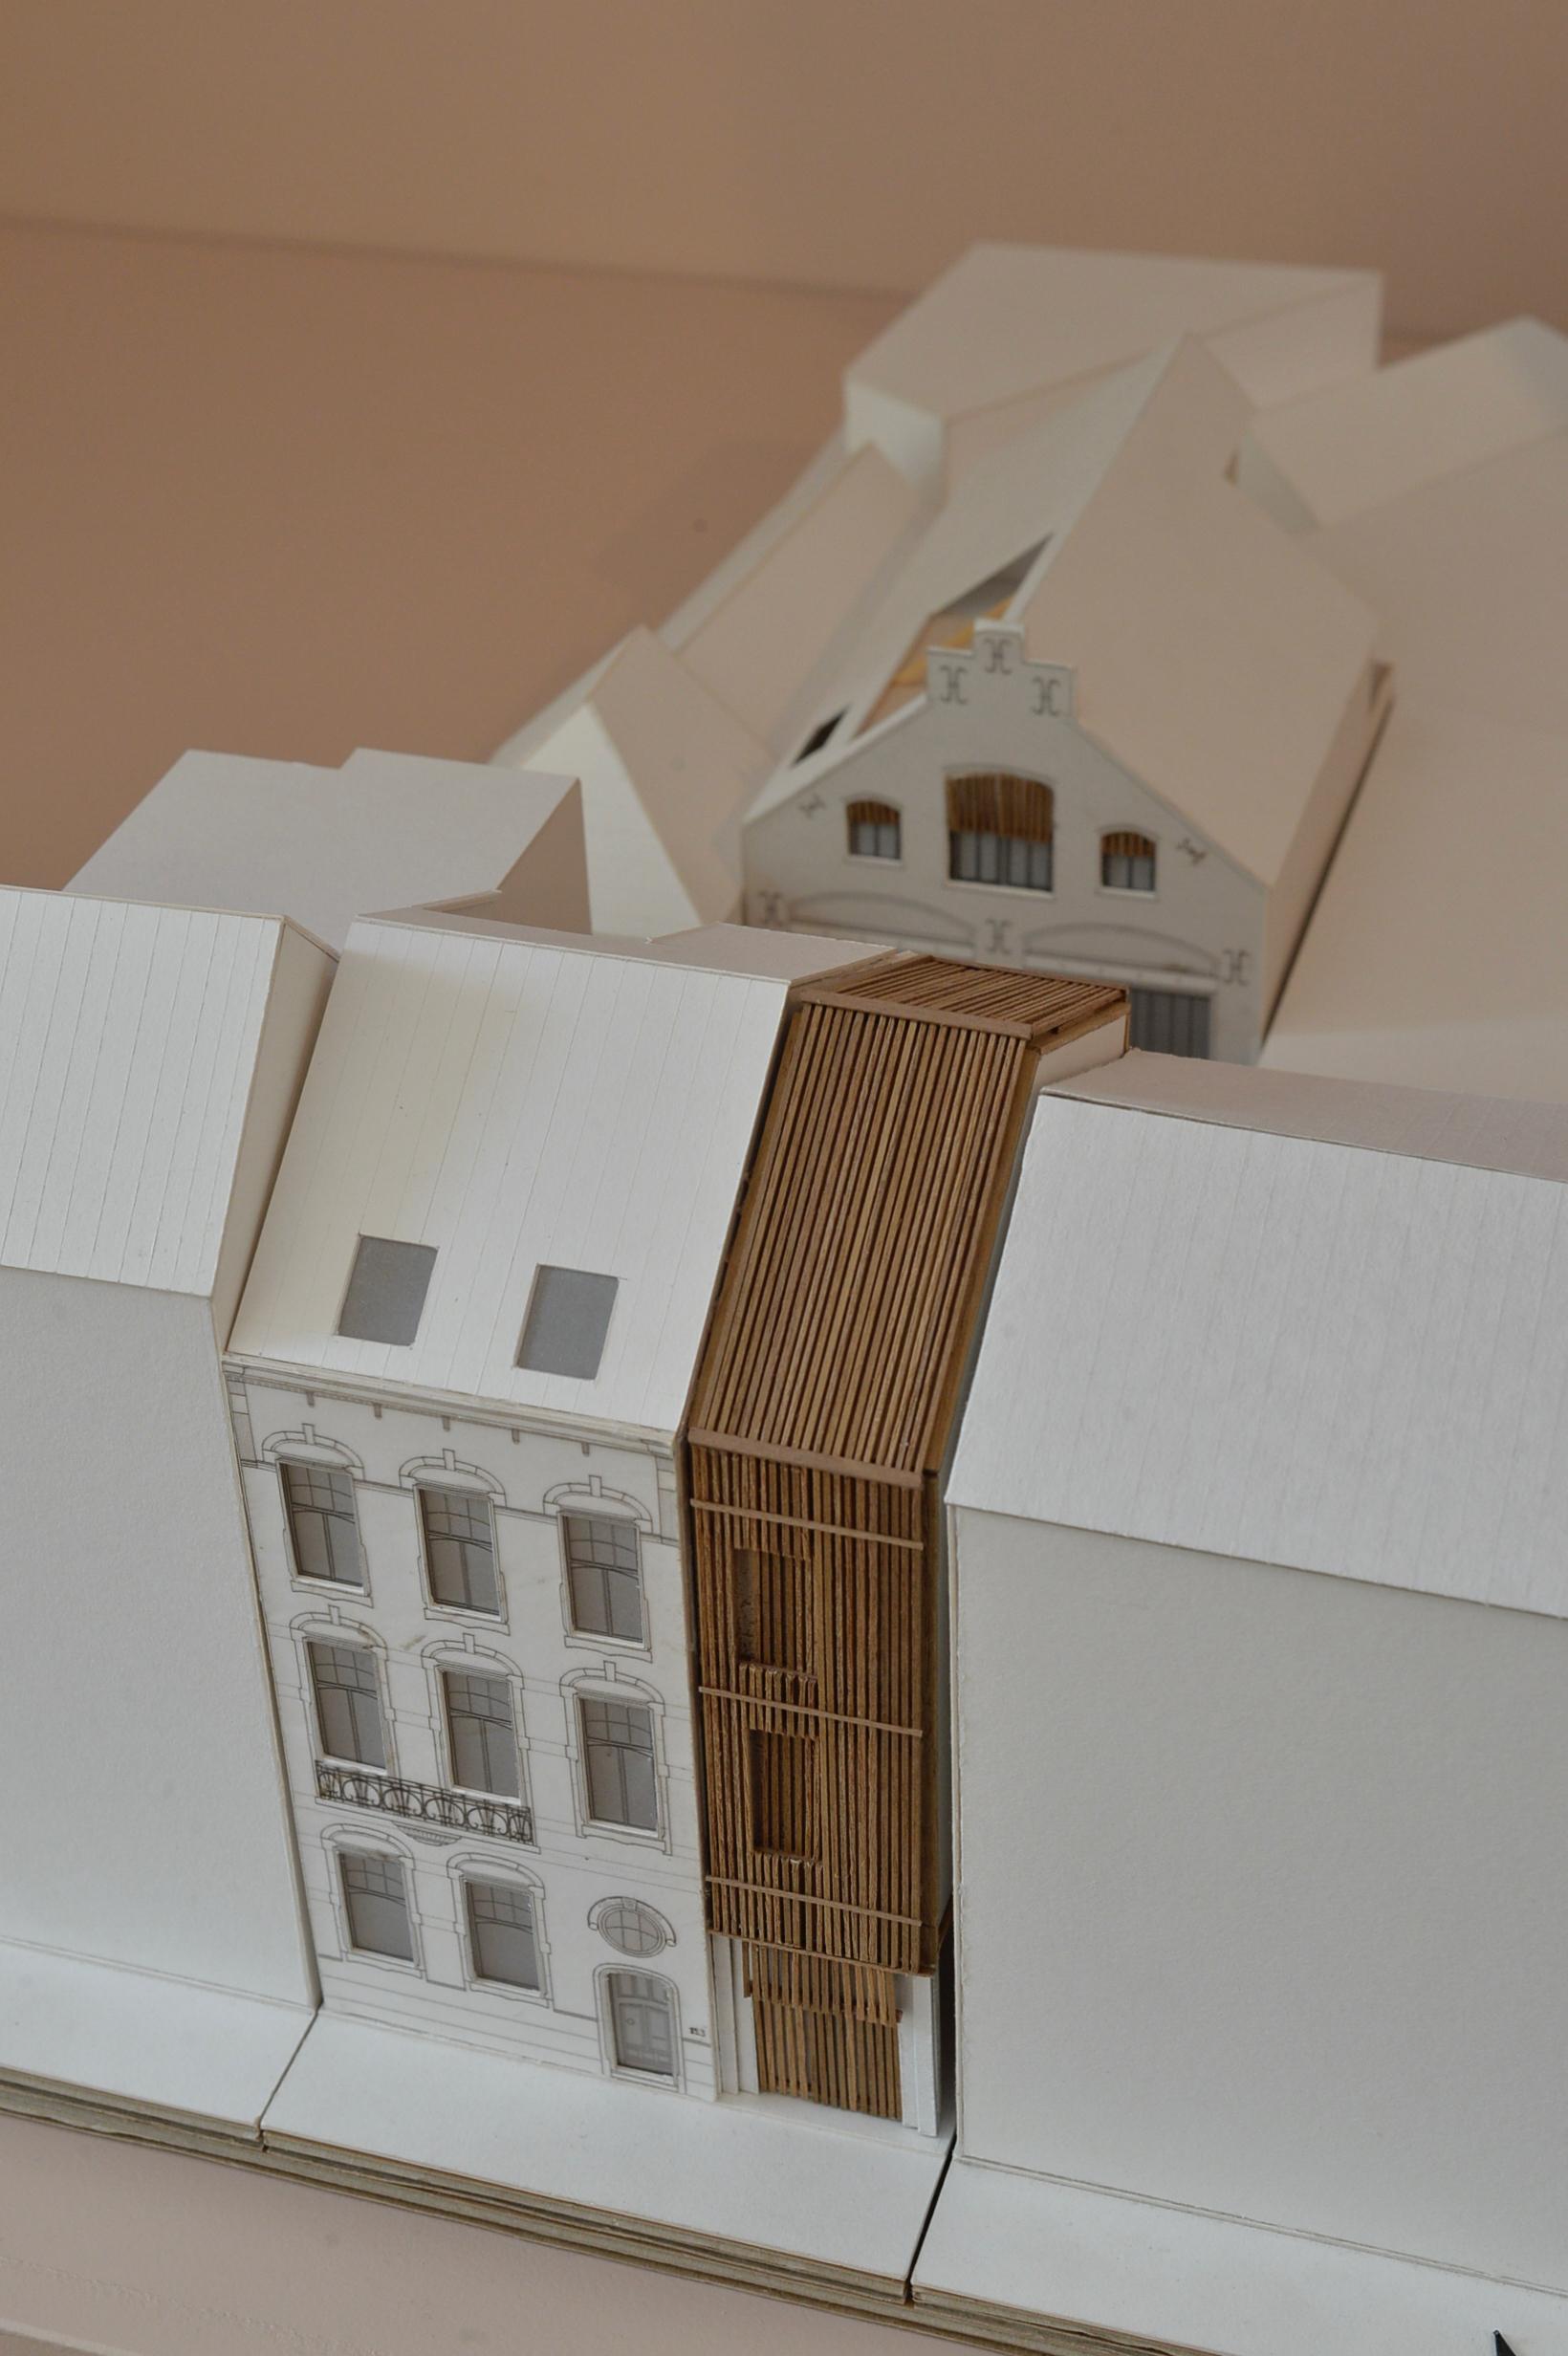 Atelier van Wassenhove_Intendant 05